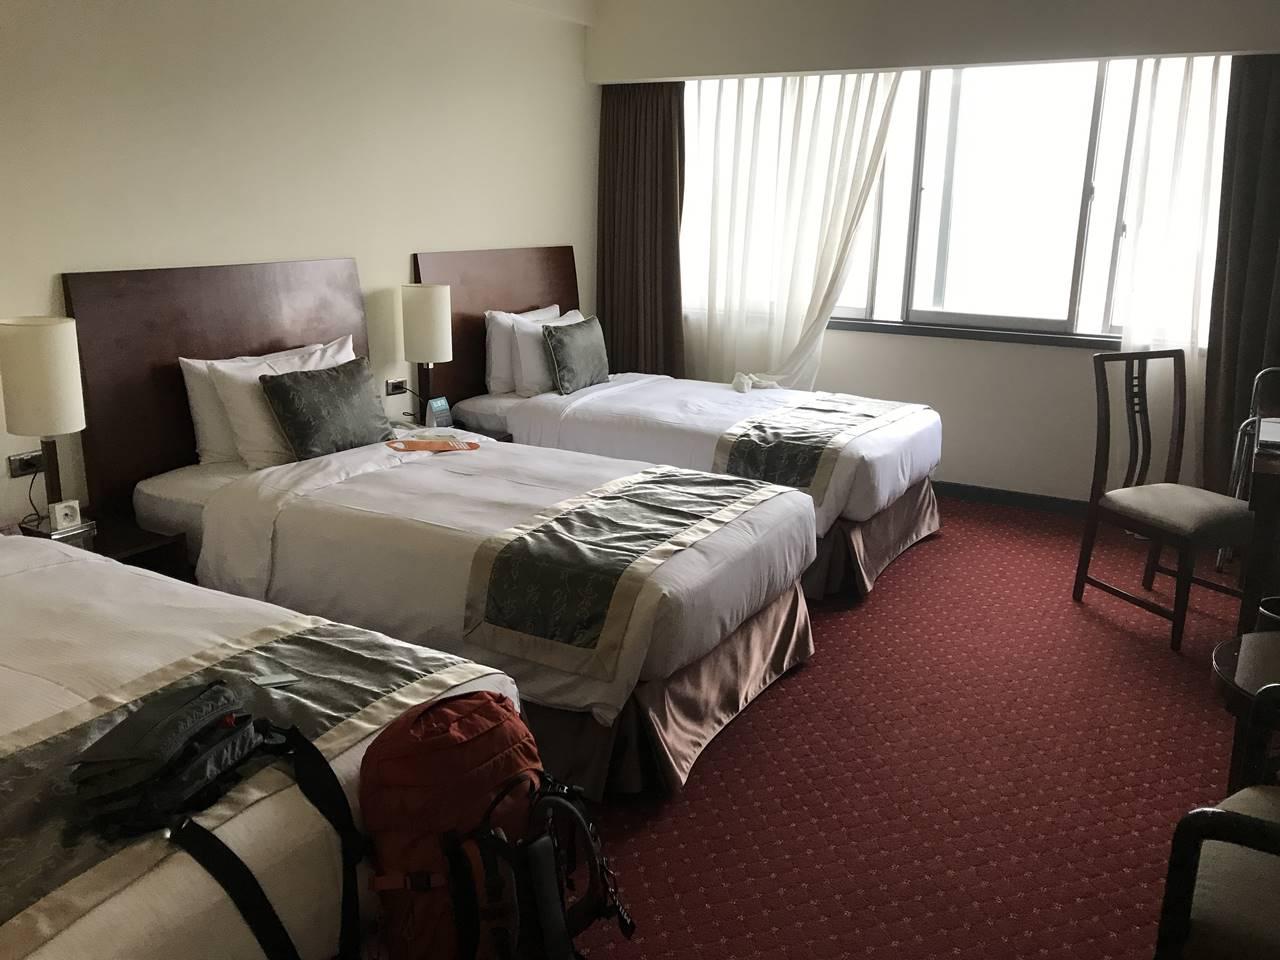 台湾・台北 シーザーパークホテル部屋